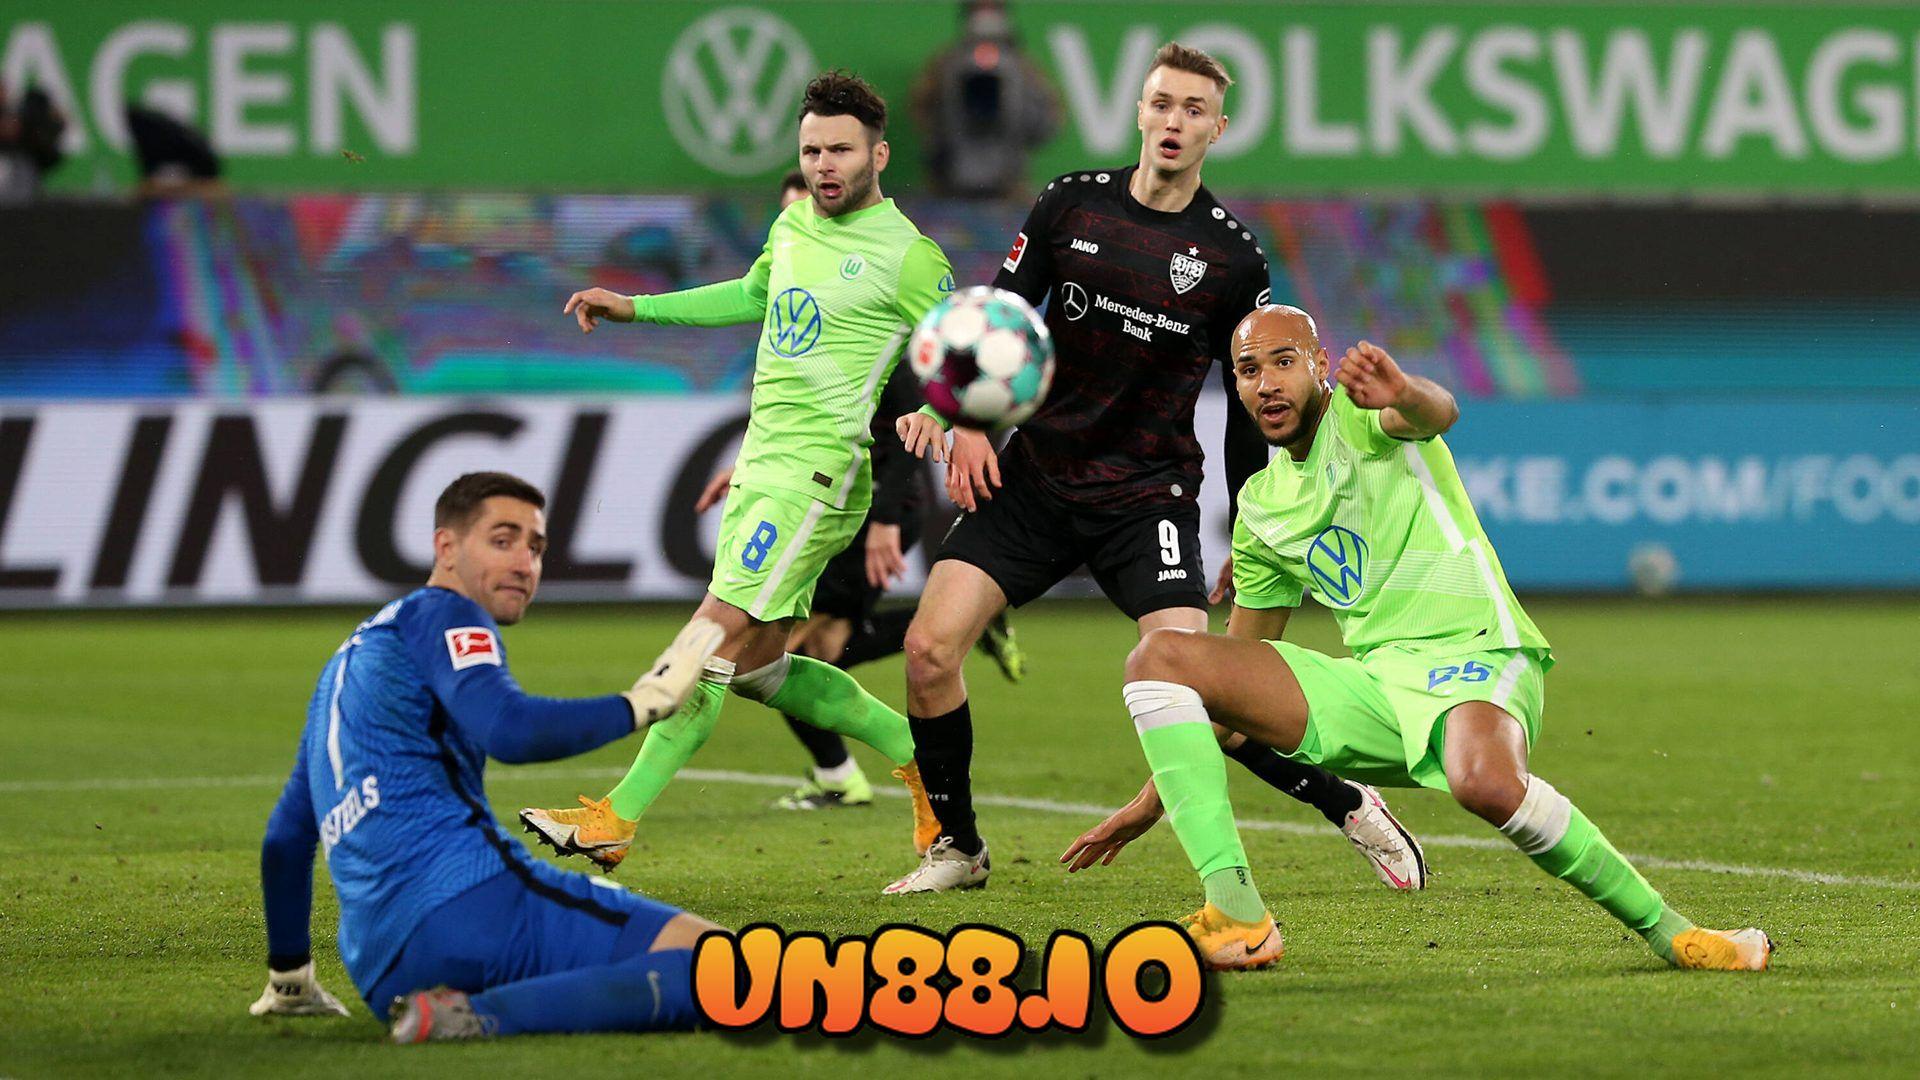 Soi kèo châu Âu trận đấu Stuttgart vs Wolfsburg